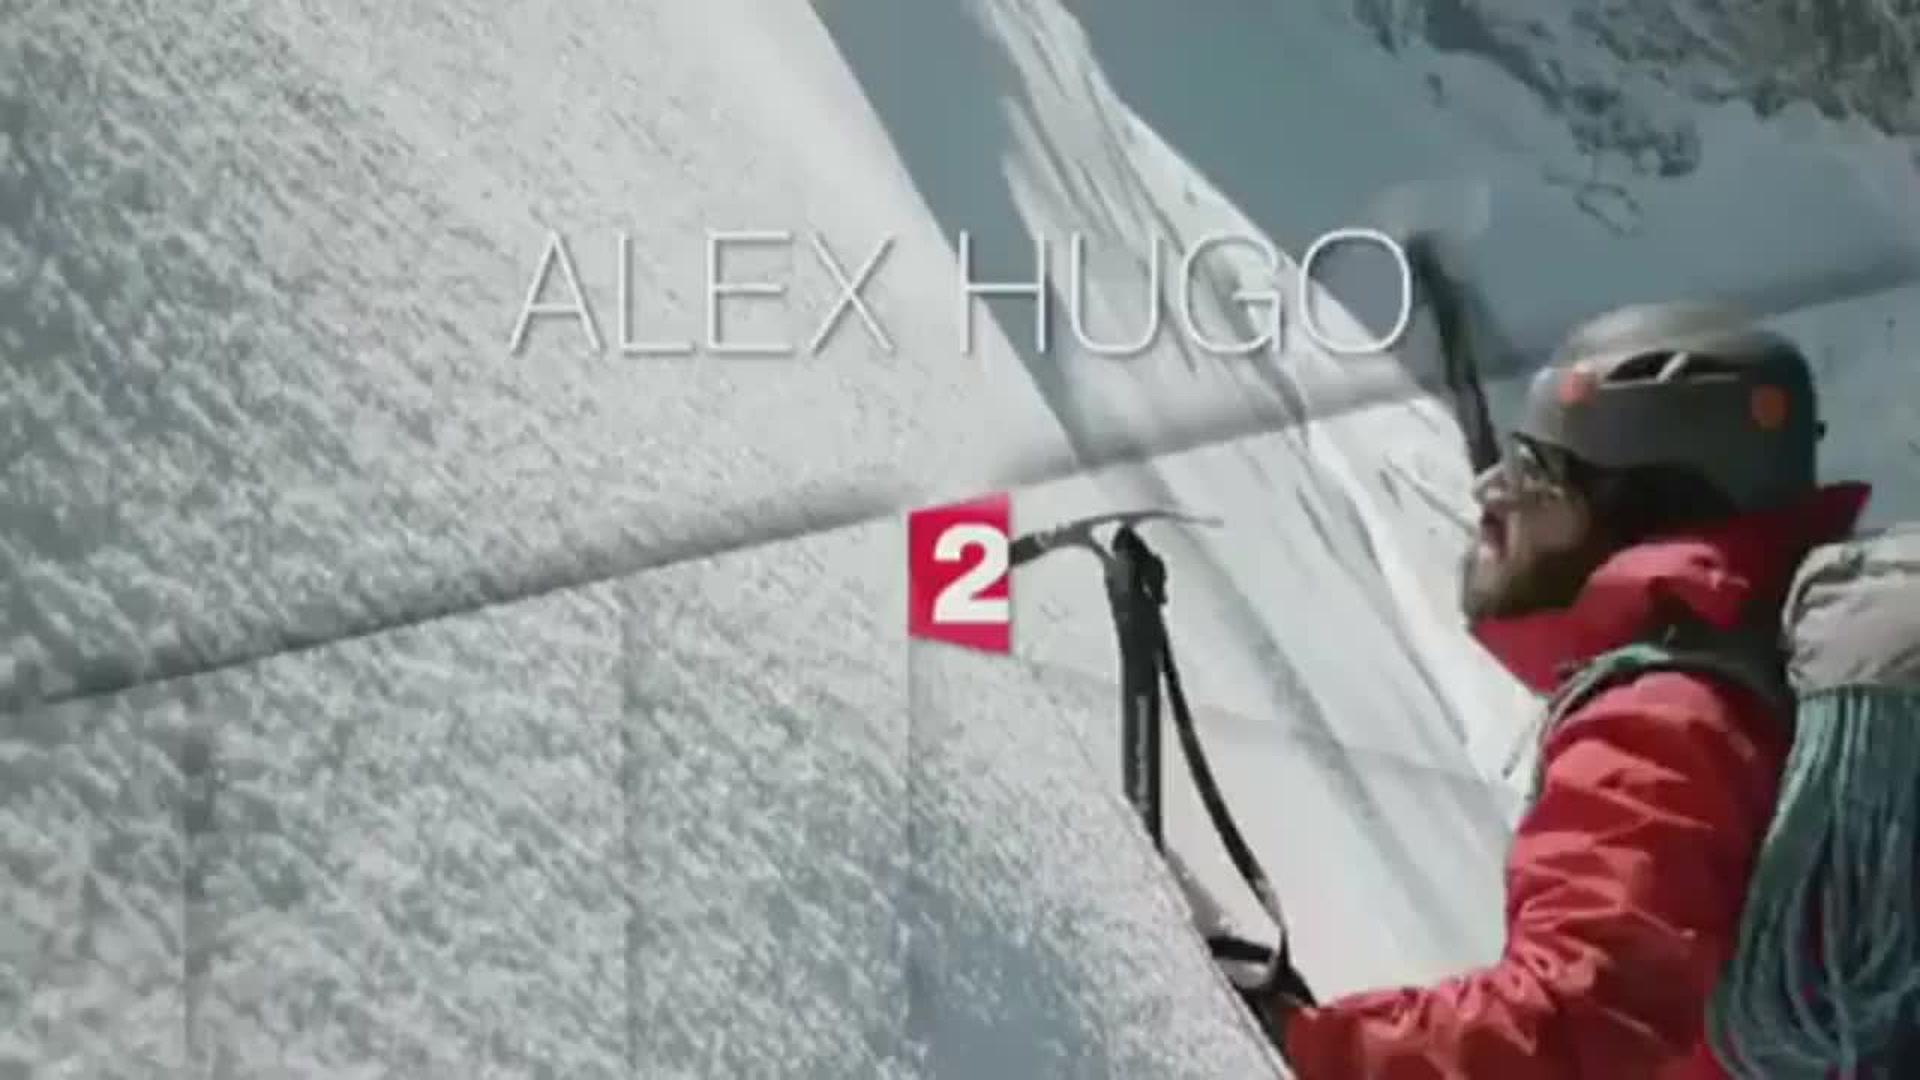 Alex Hugo, la mort et la belle vie : L'homme perdu